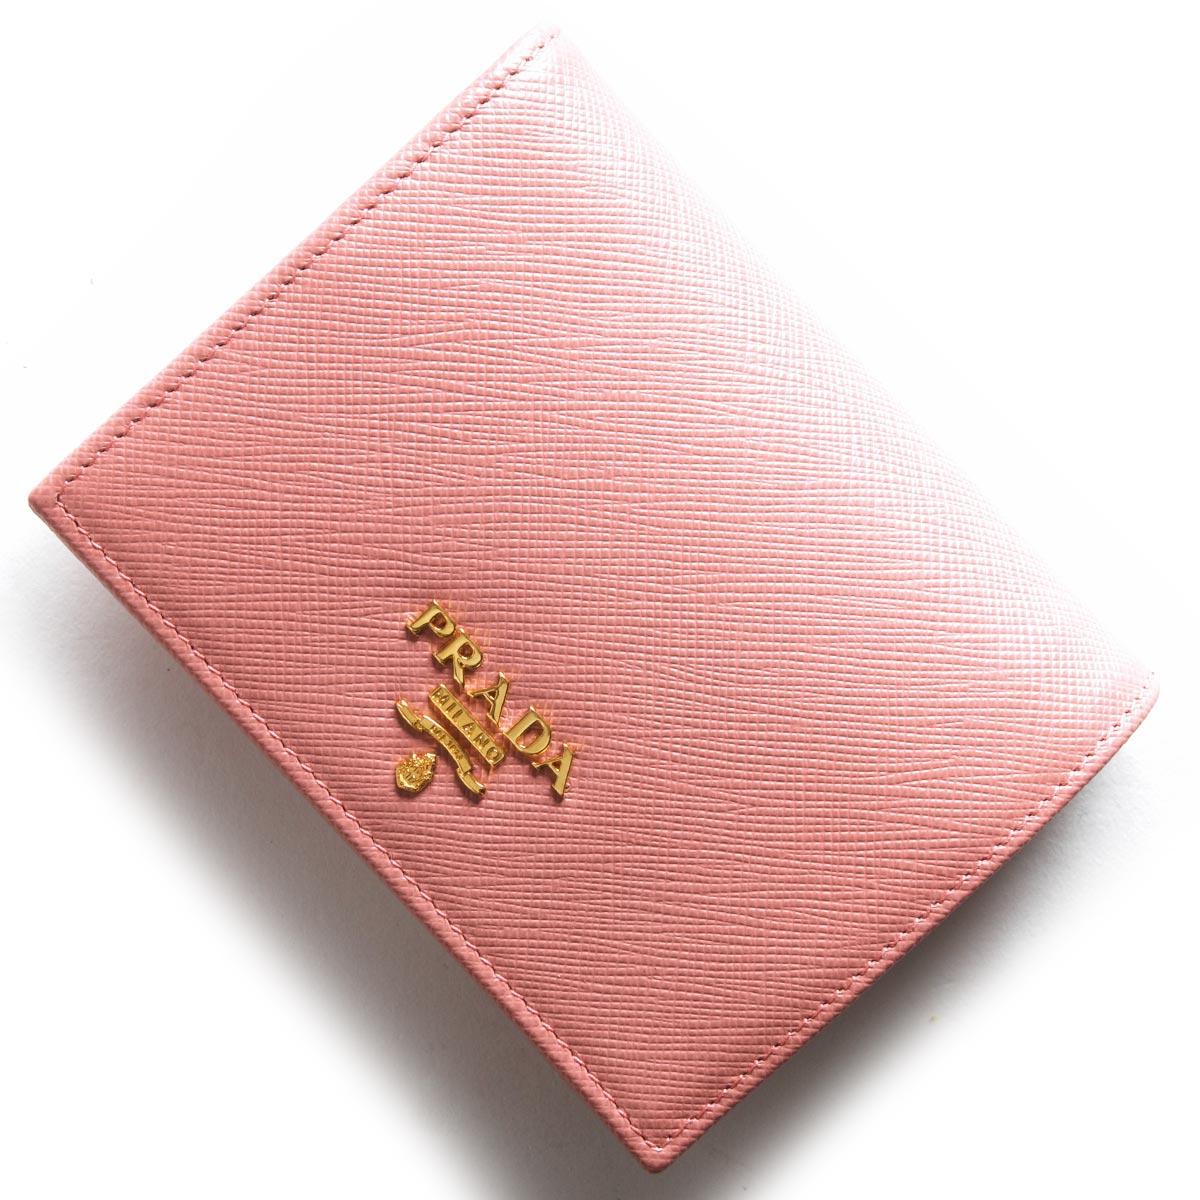 プラダ 二つ折り財布 財布 レディース サフィアーノ メタル ペタロピンク 1MV204 QWA F0442 PRADA